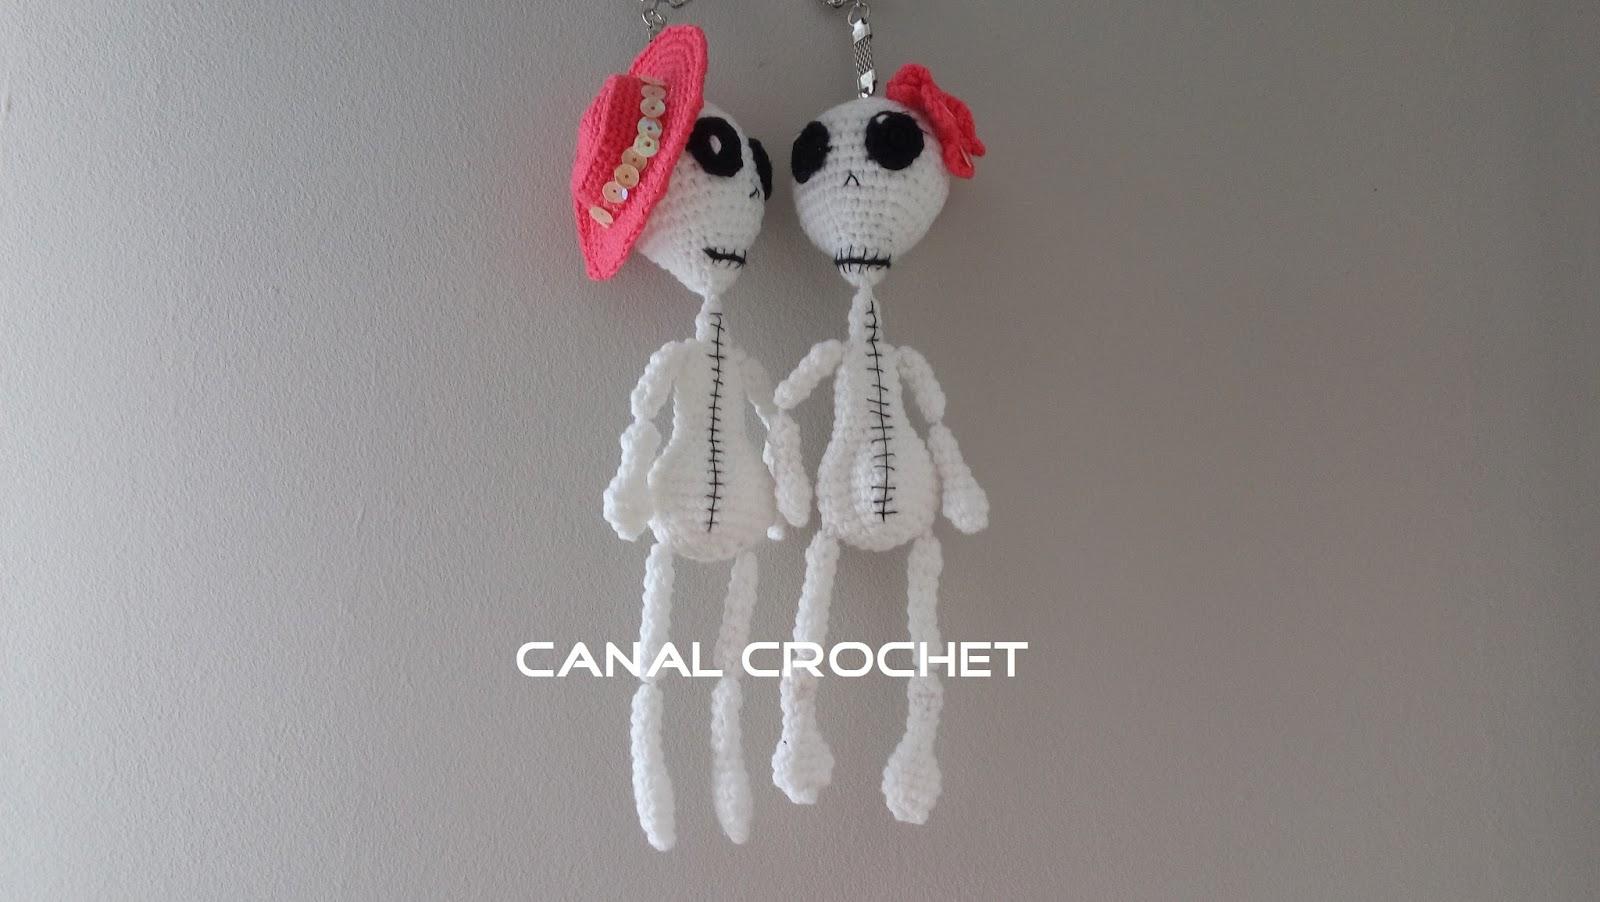 CANAL CROCHET: Decoración halloween amigurumi patrón libre